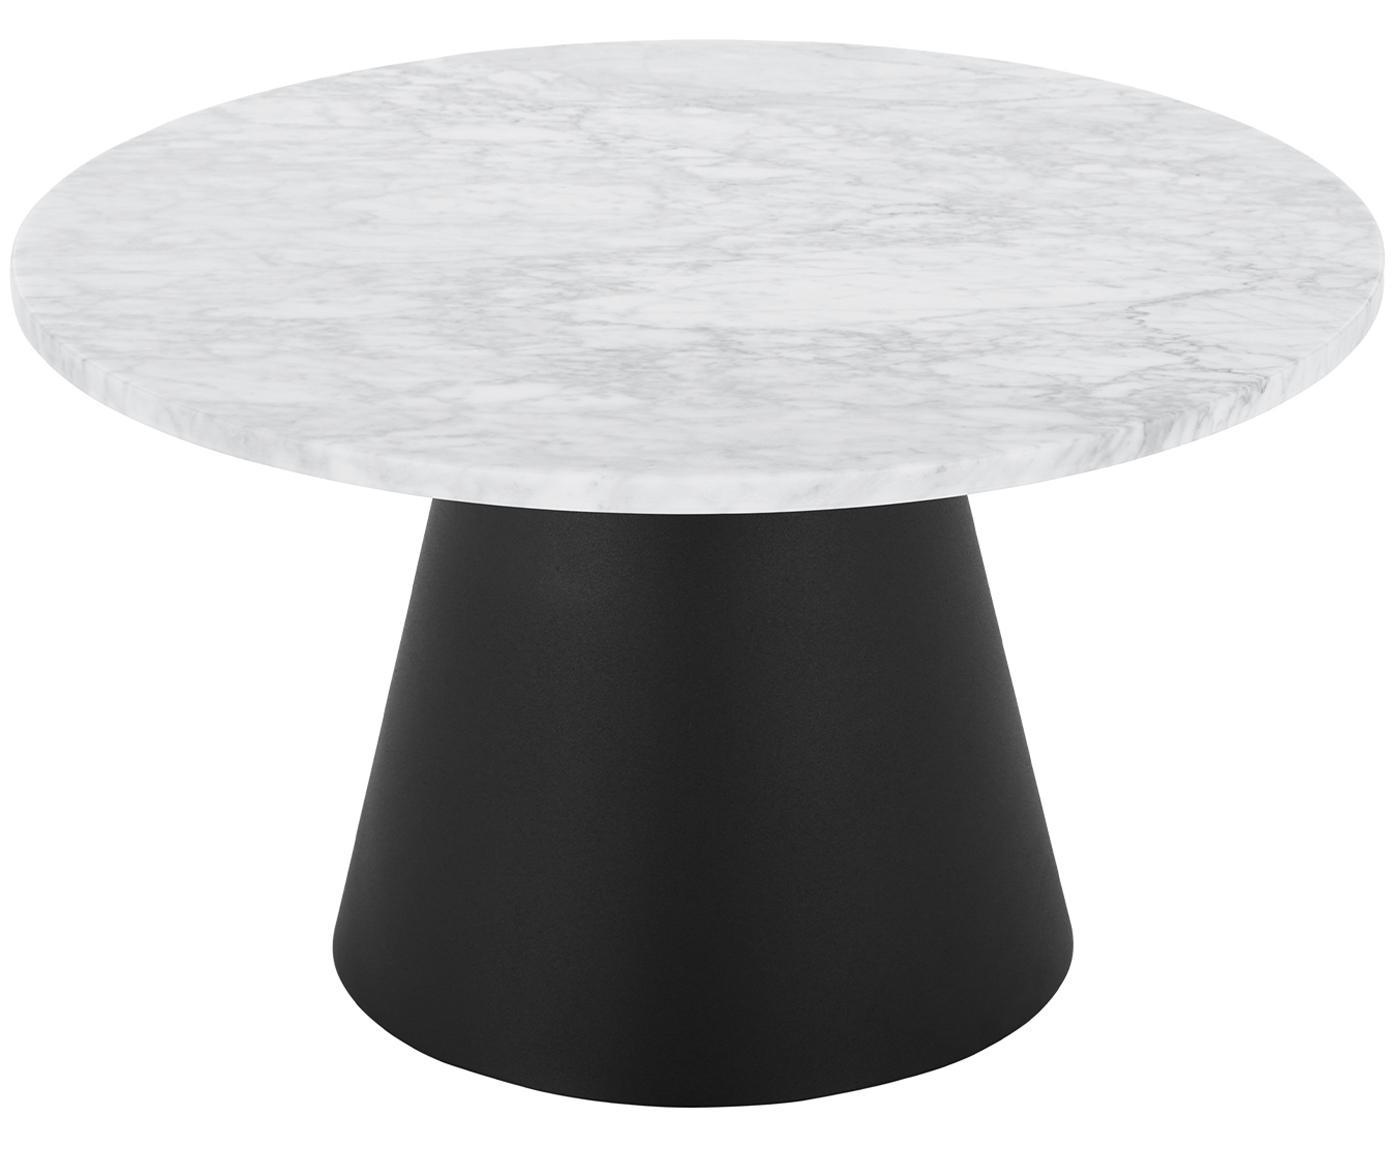 Okrągły stolik kawowy z marmuru Theo, Blat: marmur Carrara, Stelaż: metal powlekany, Białoszary marmur, czarny, Ø 70 x W 40 cm